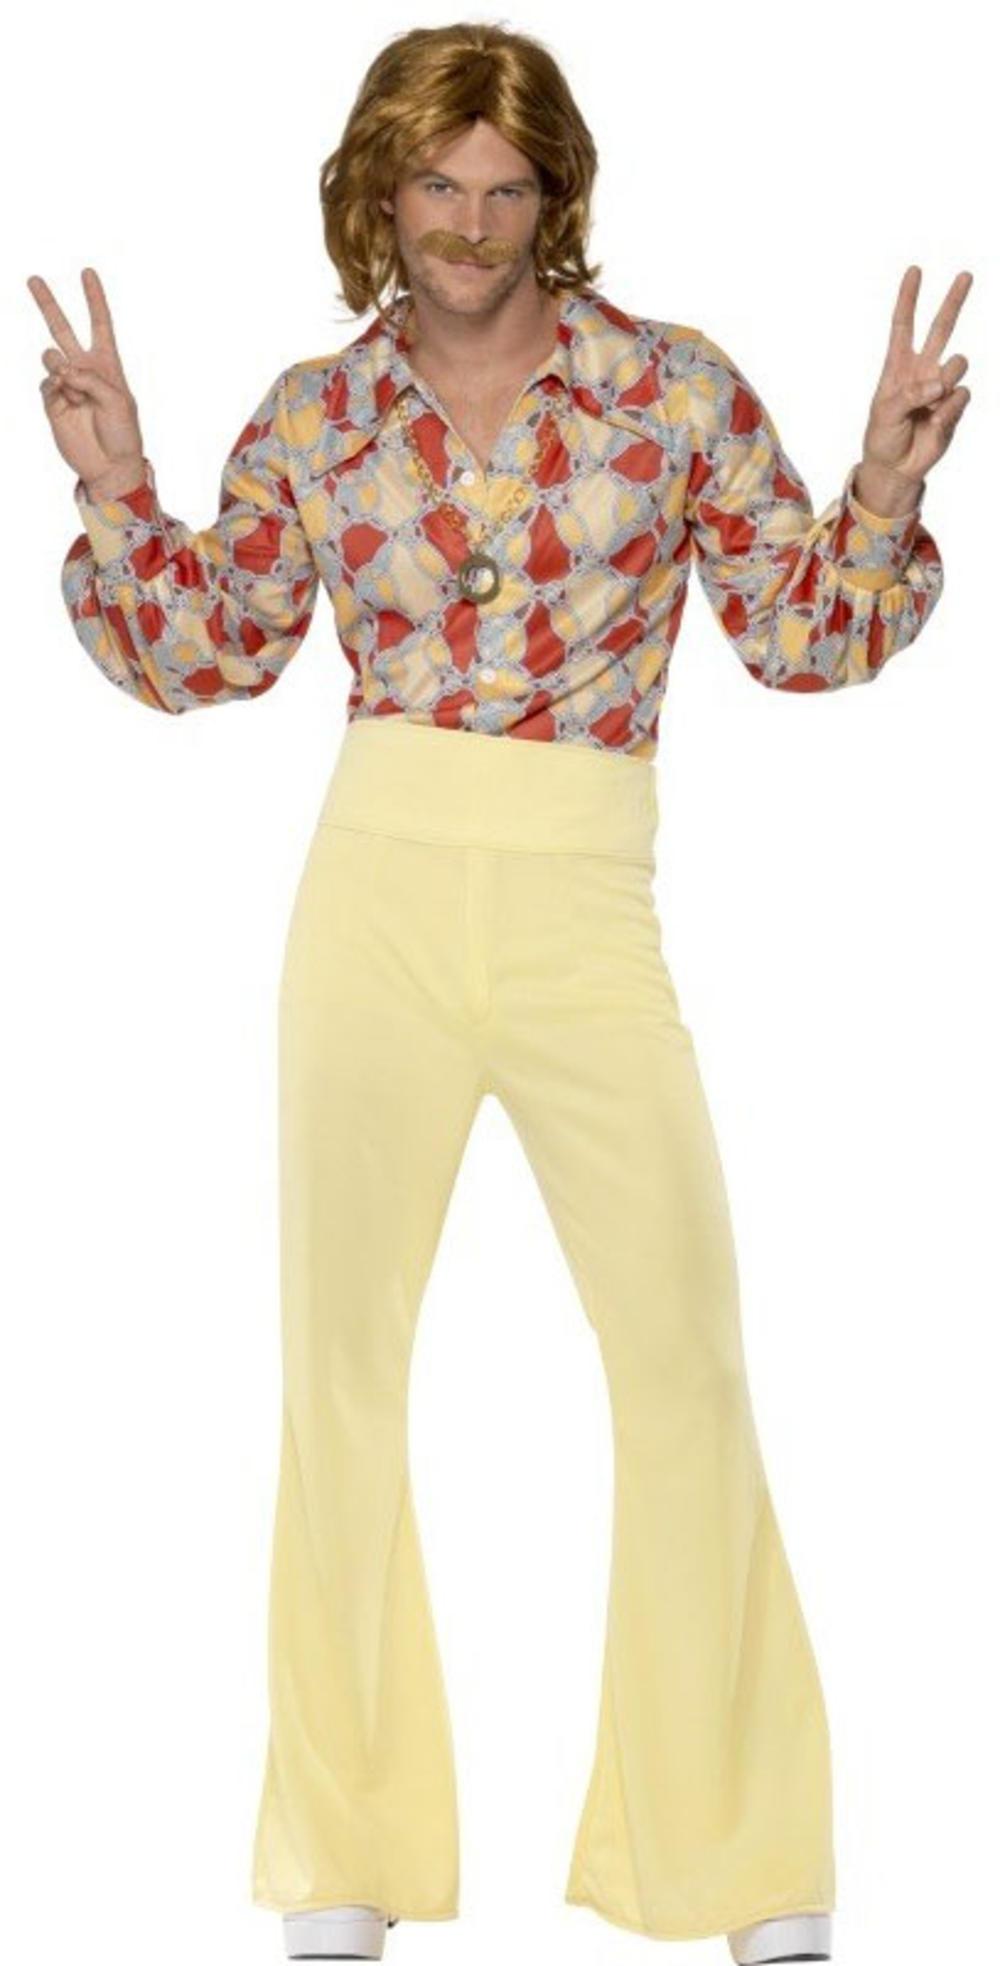 60s Groovy Guy Costume